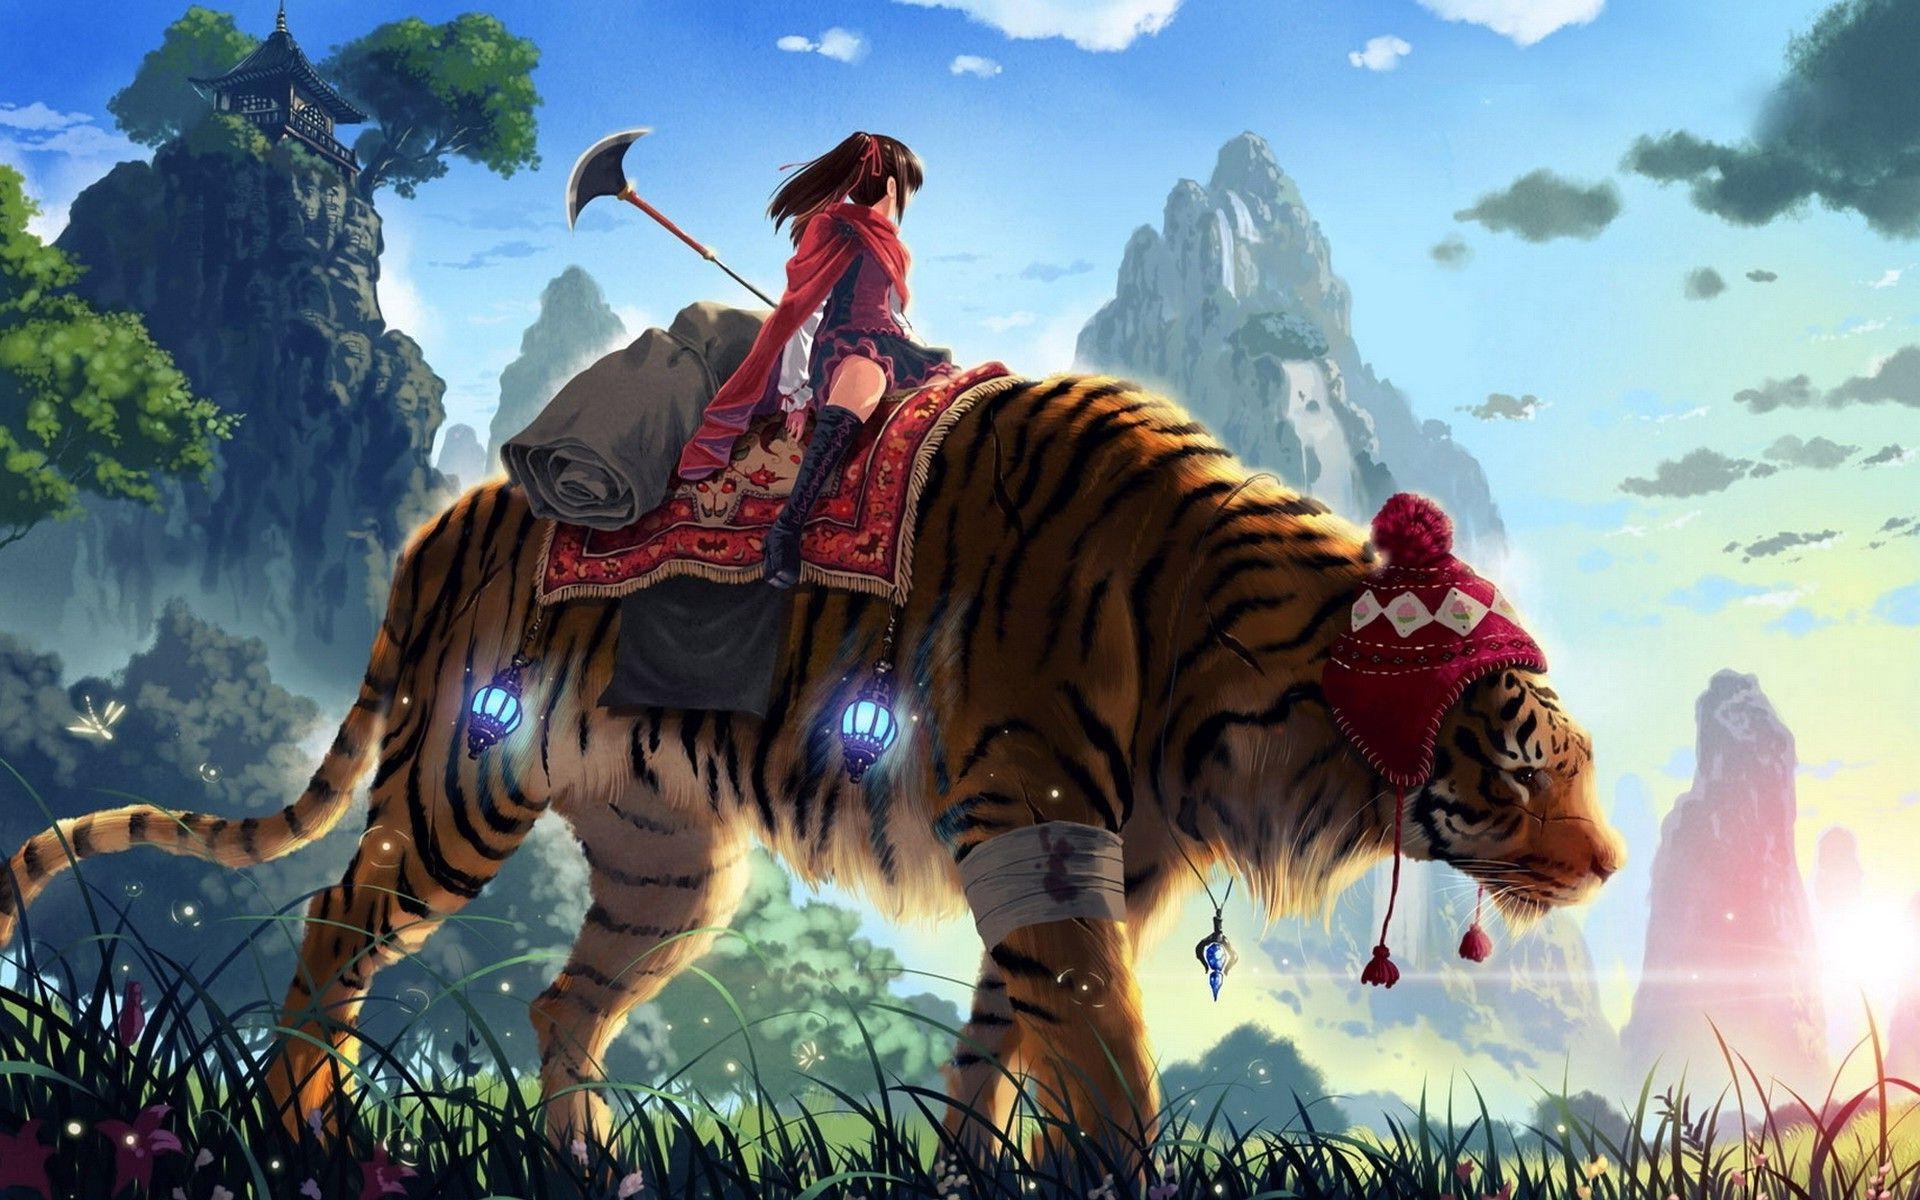 Tiger artwork digital art fantasy art wallpaper fantasy art tiger artwork digital art fantasy art wallpaper thecheapjerseys Images